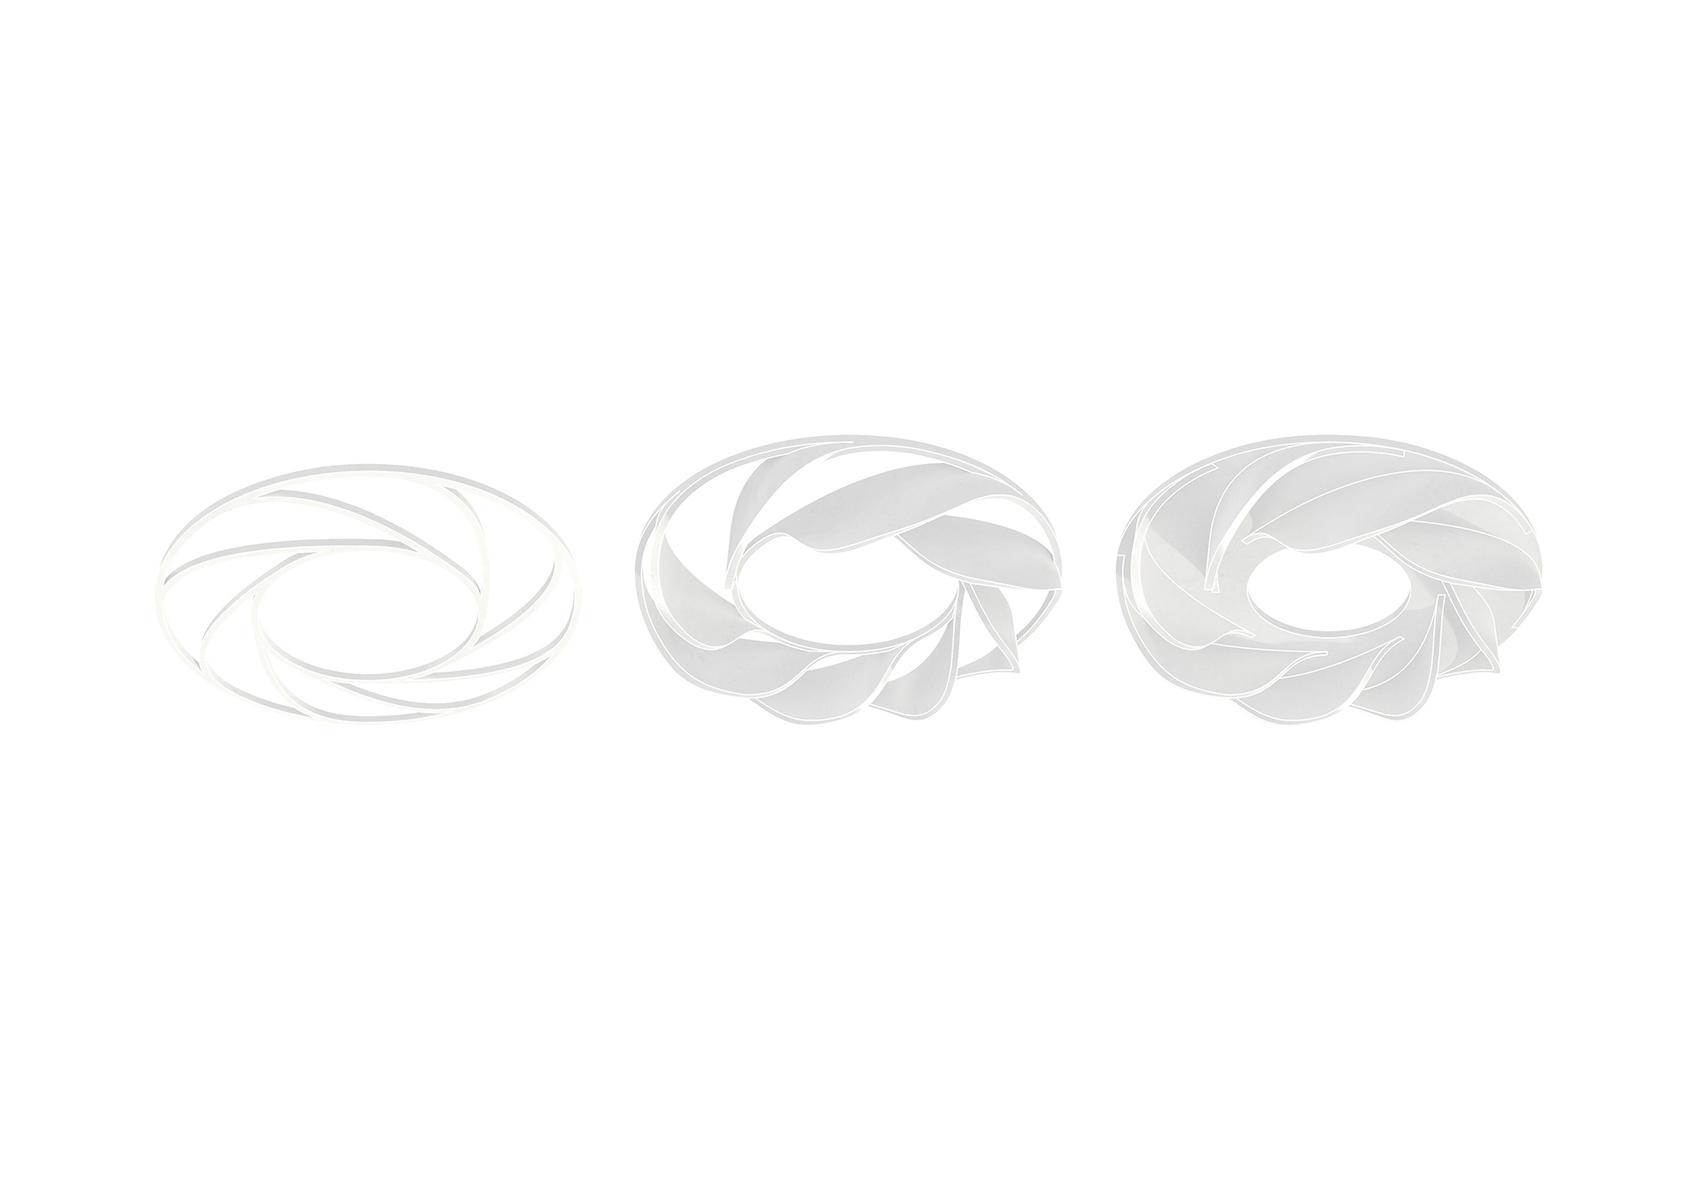 Pelletier de Fontenay_concordia_01_diagram_web.jpg